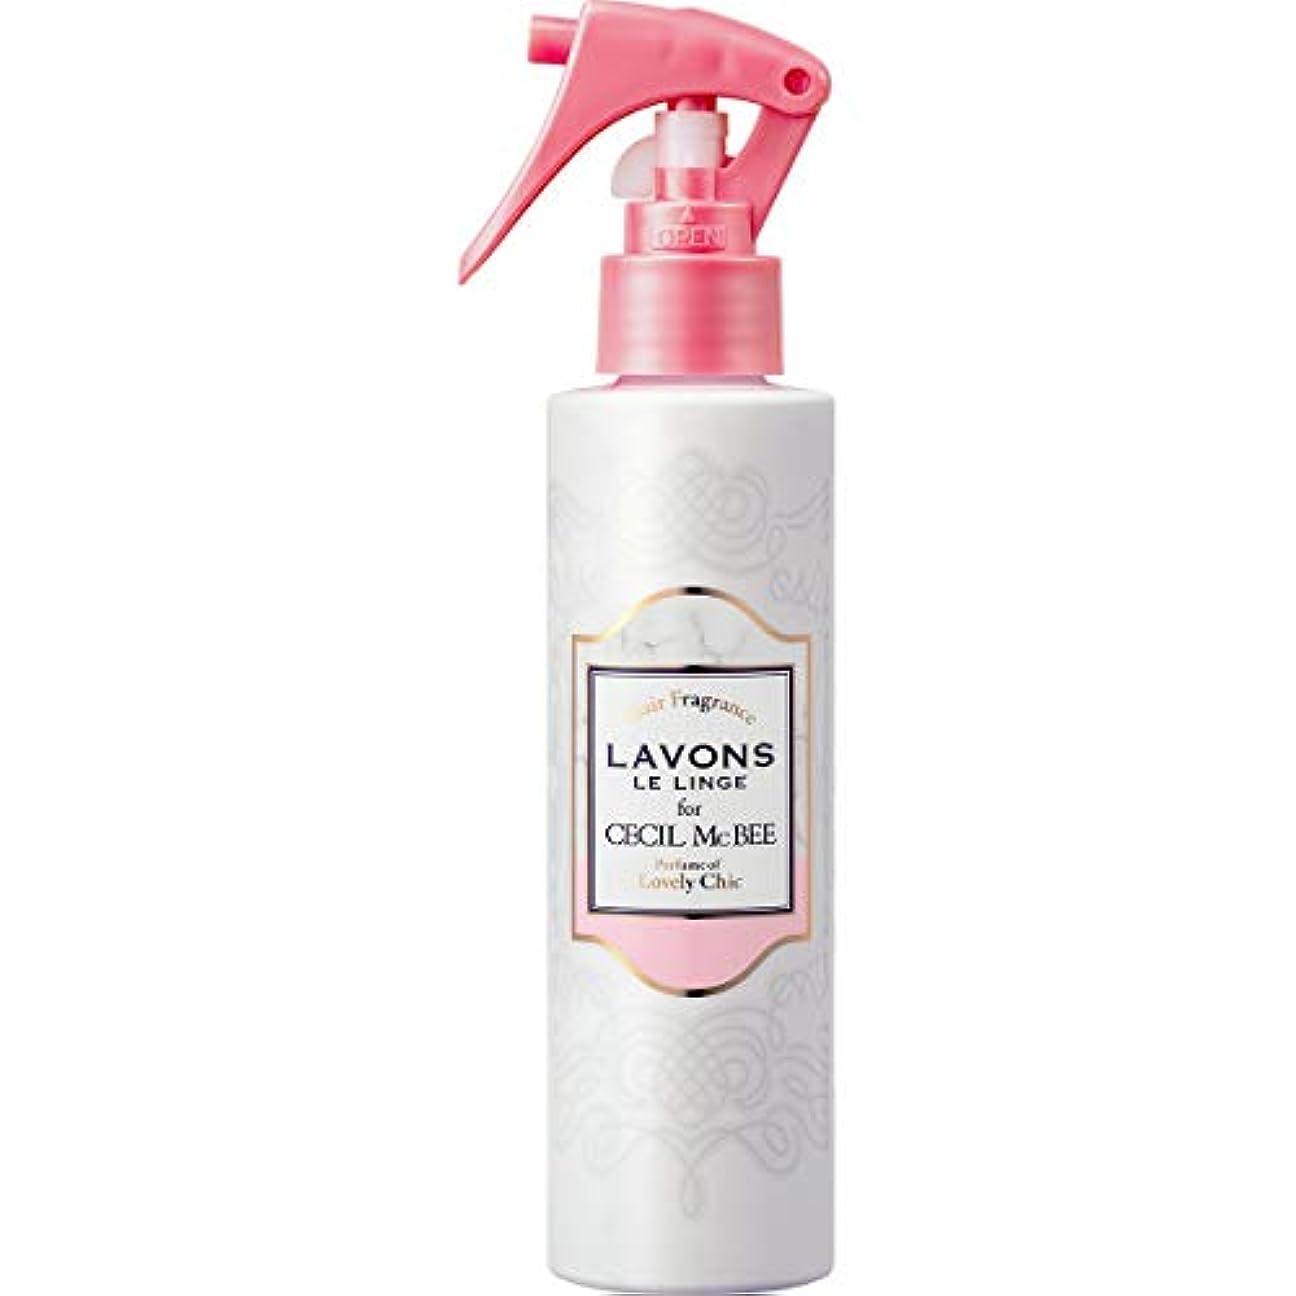 神社ポジションスナップラボン for CECIL McBEE ヘアフレグランスミスト ラブリーシックの香り 150ml